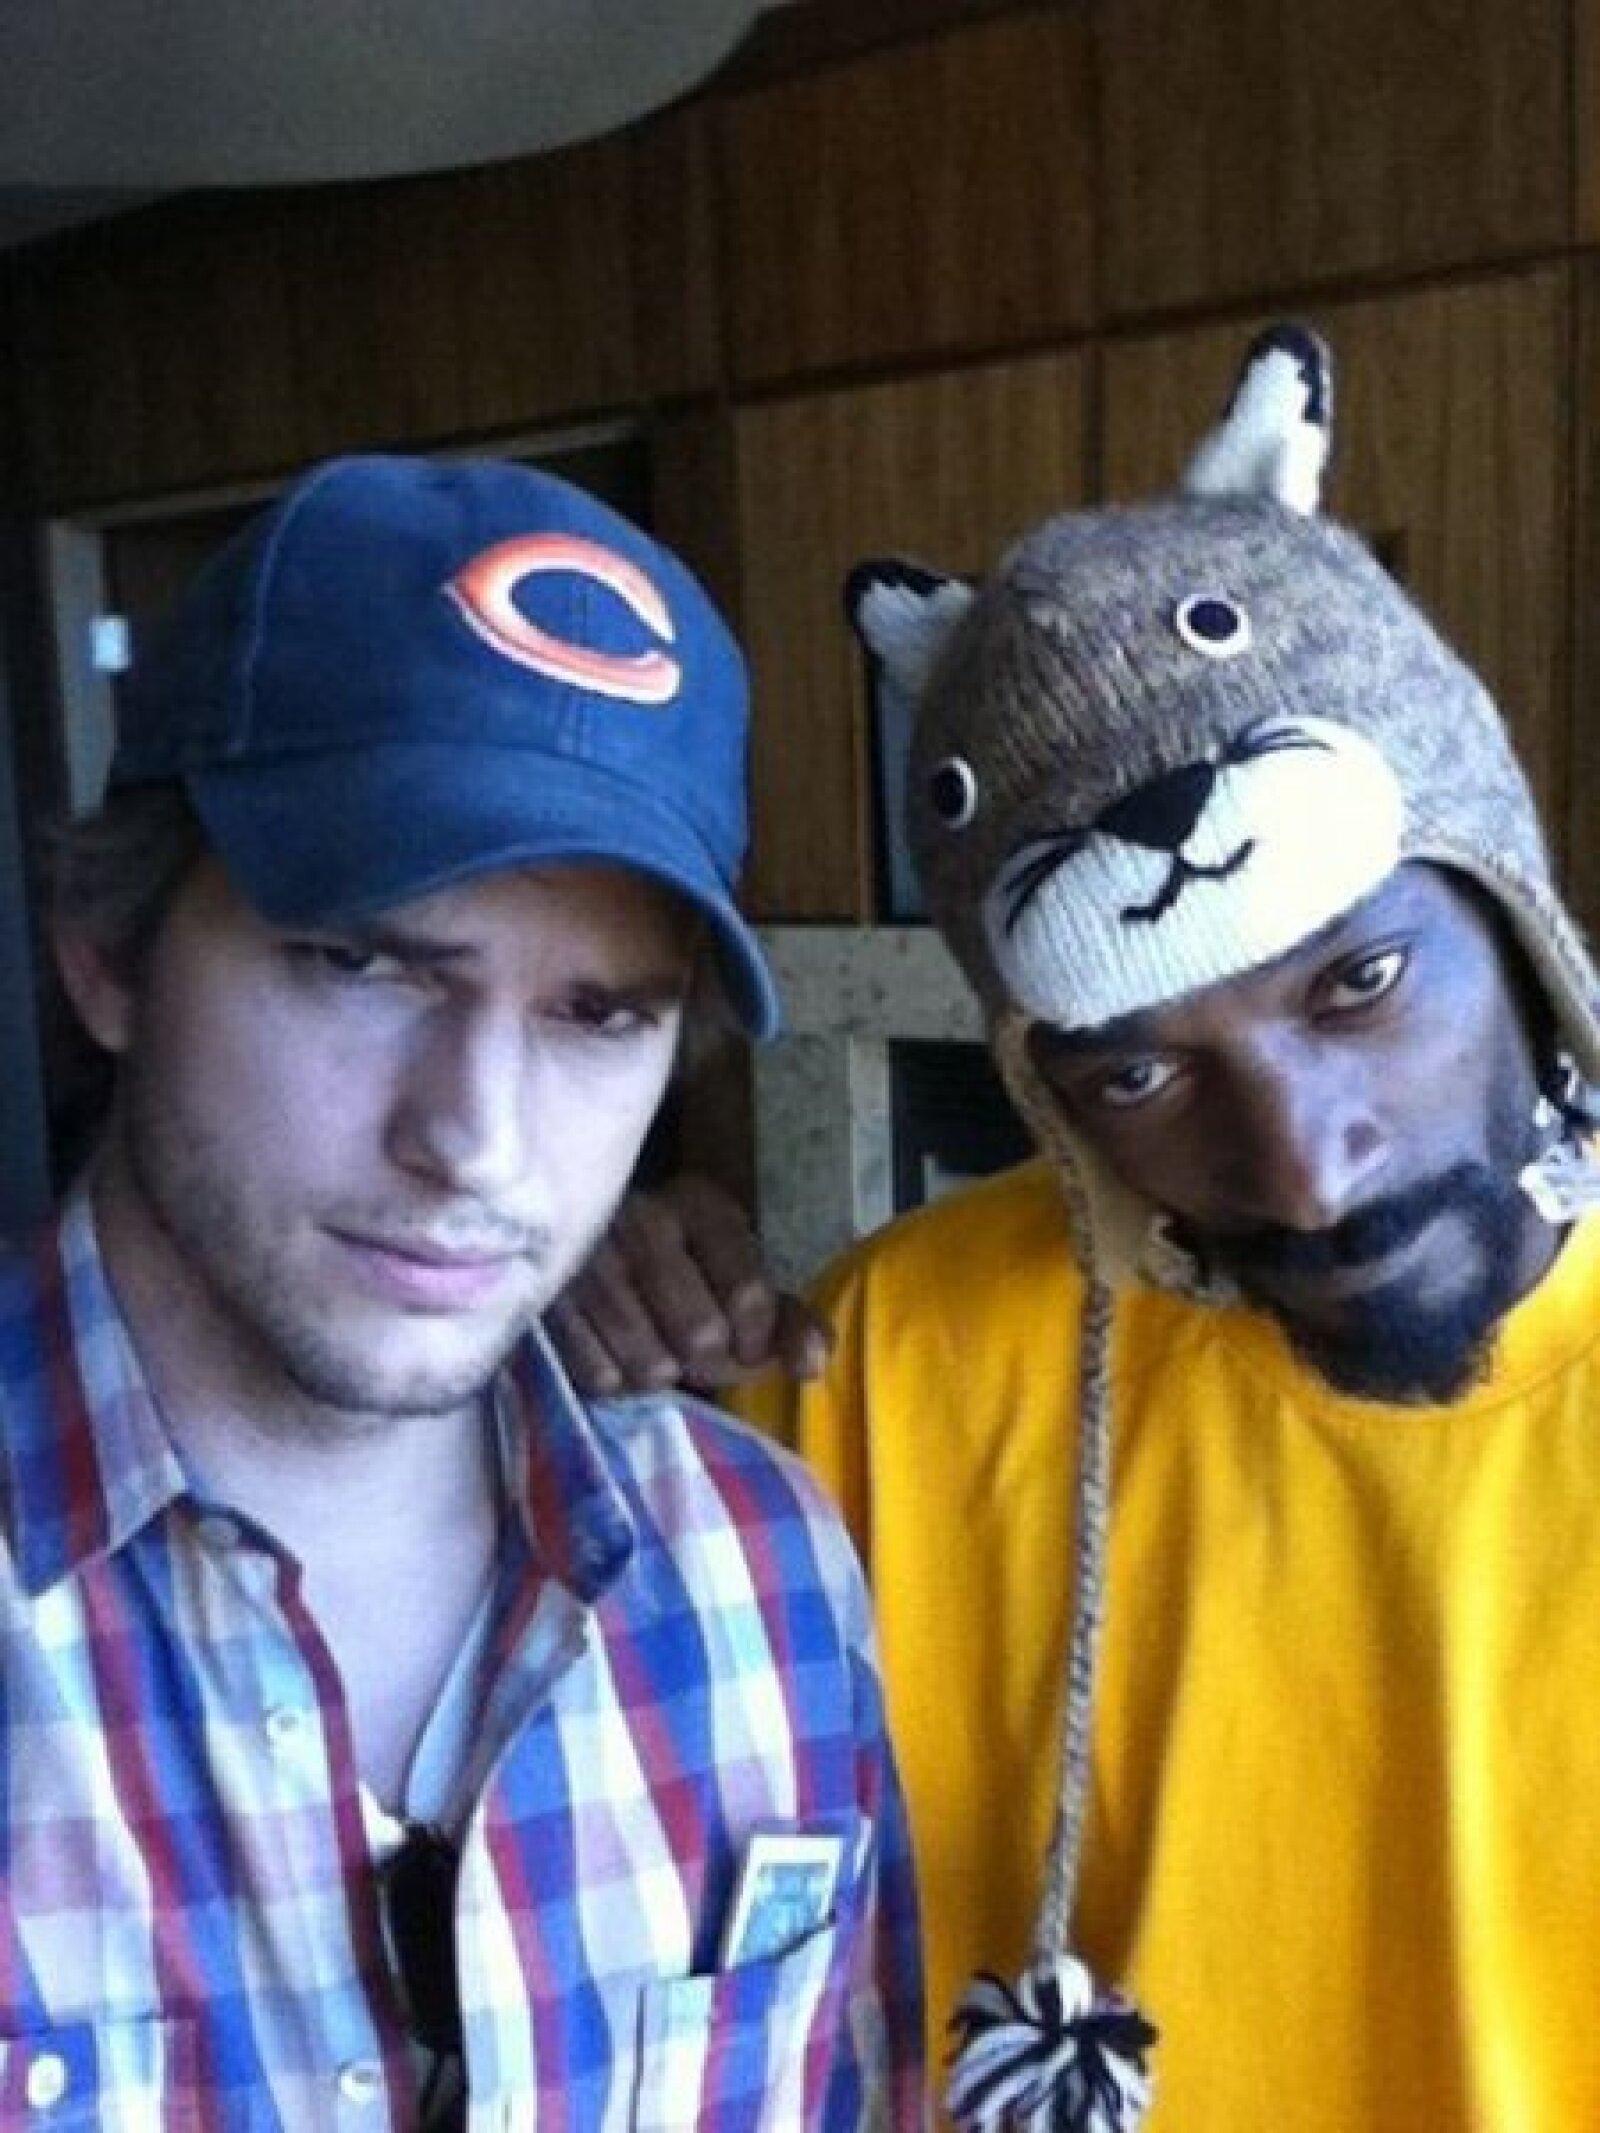 Ashton Kutcher y @Snoopdogg posando para la foto.